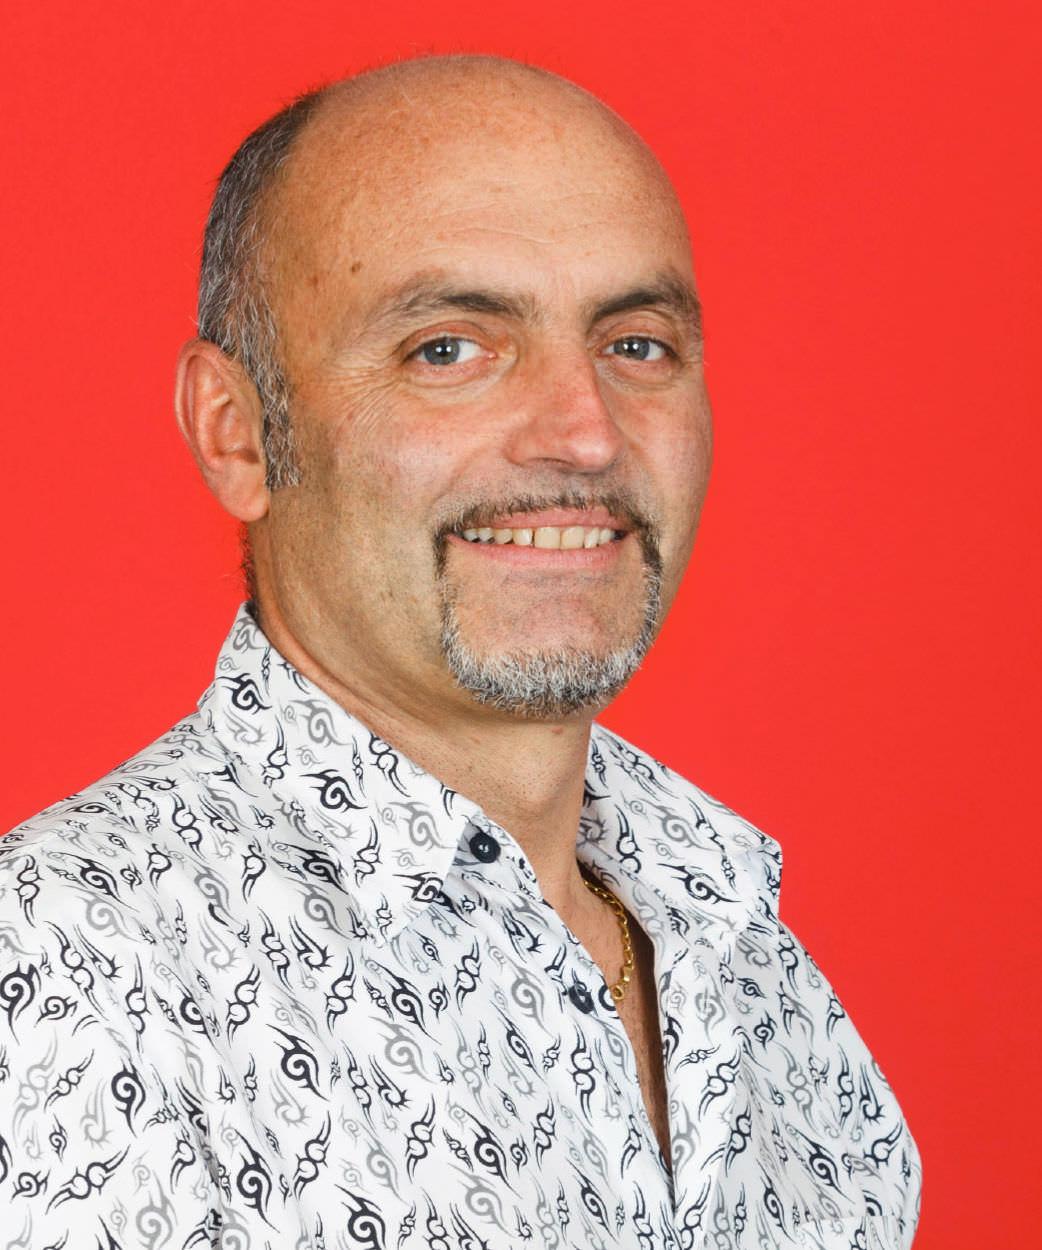 Maurizio Schena